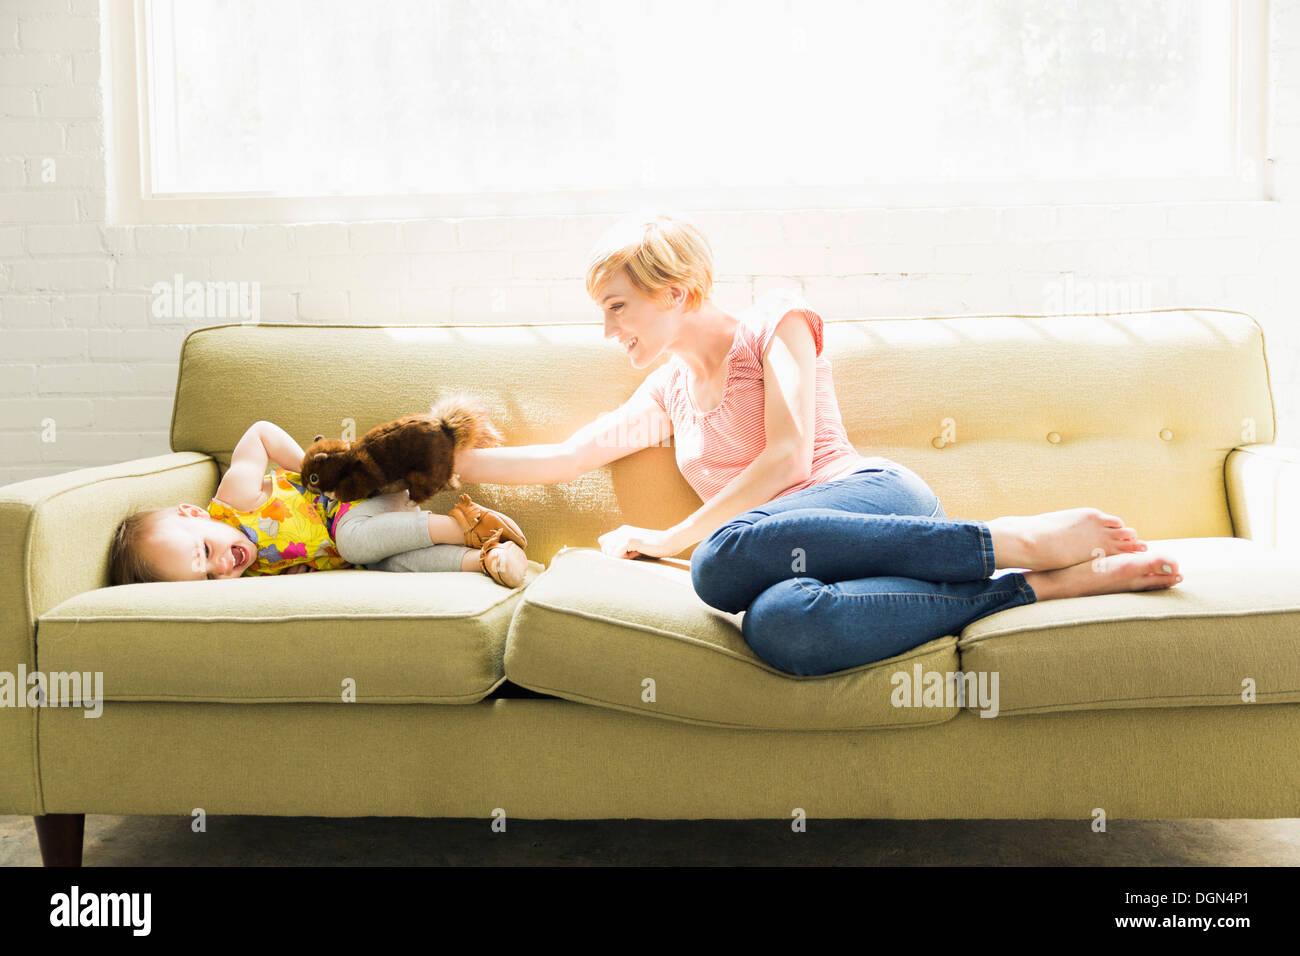 Mãe brincar com filha bebê (12-17 meses) Imagens de Stock